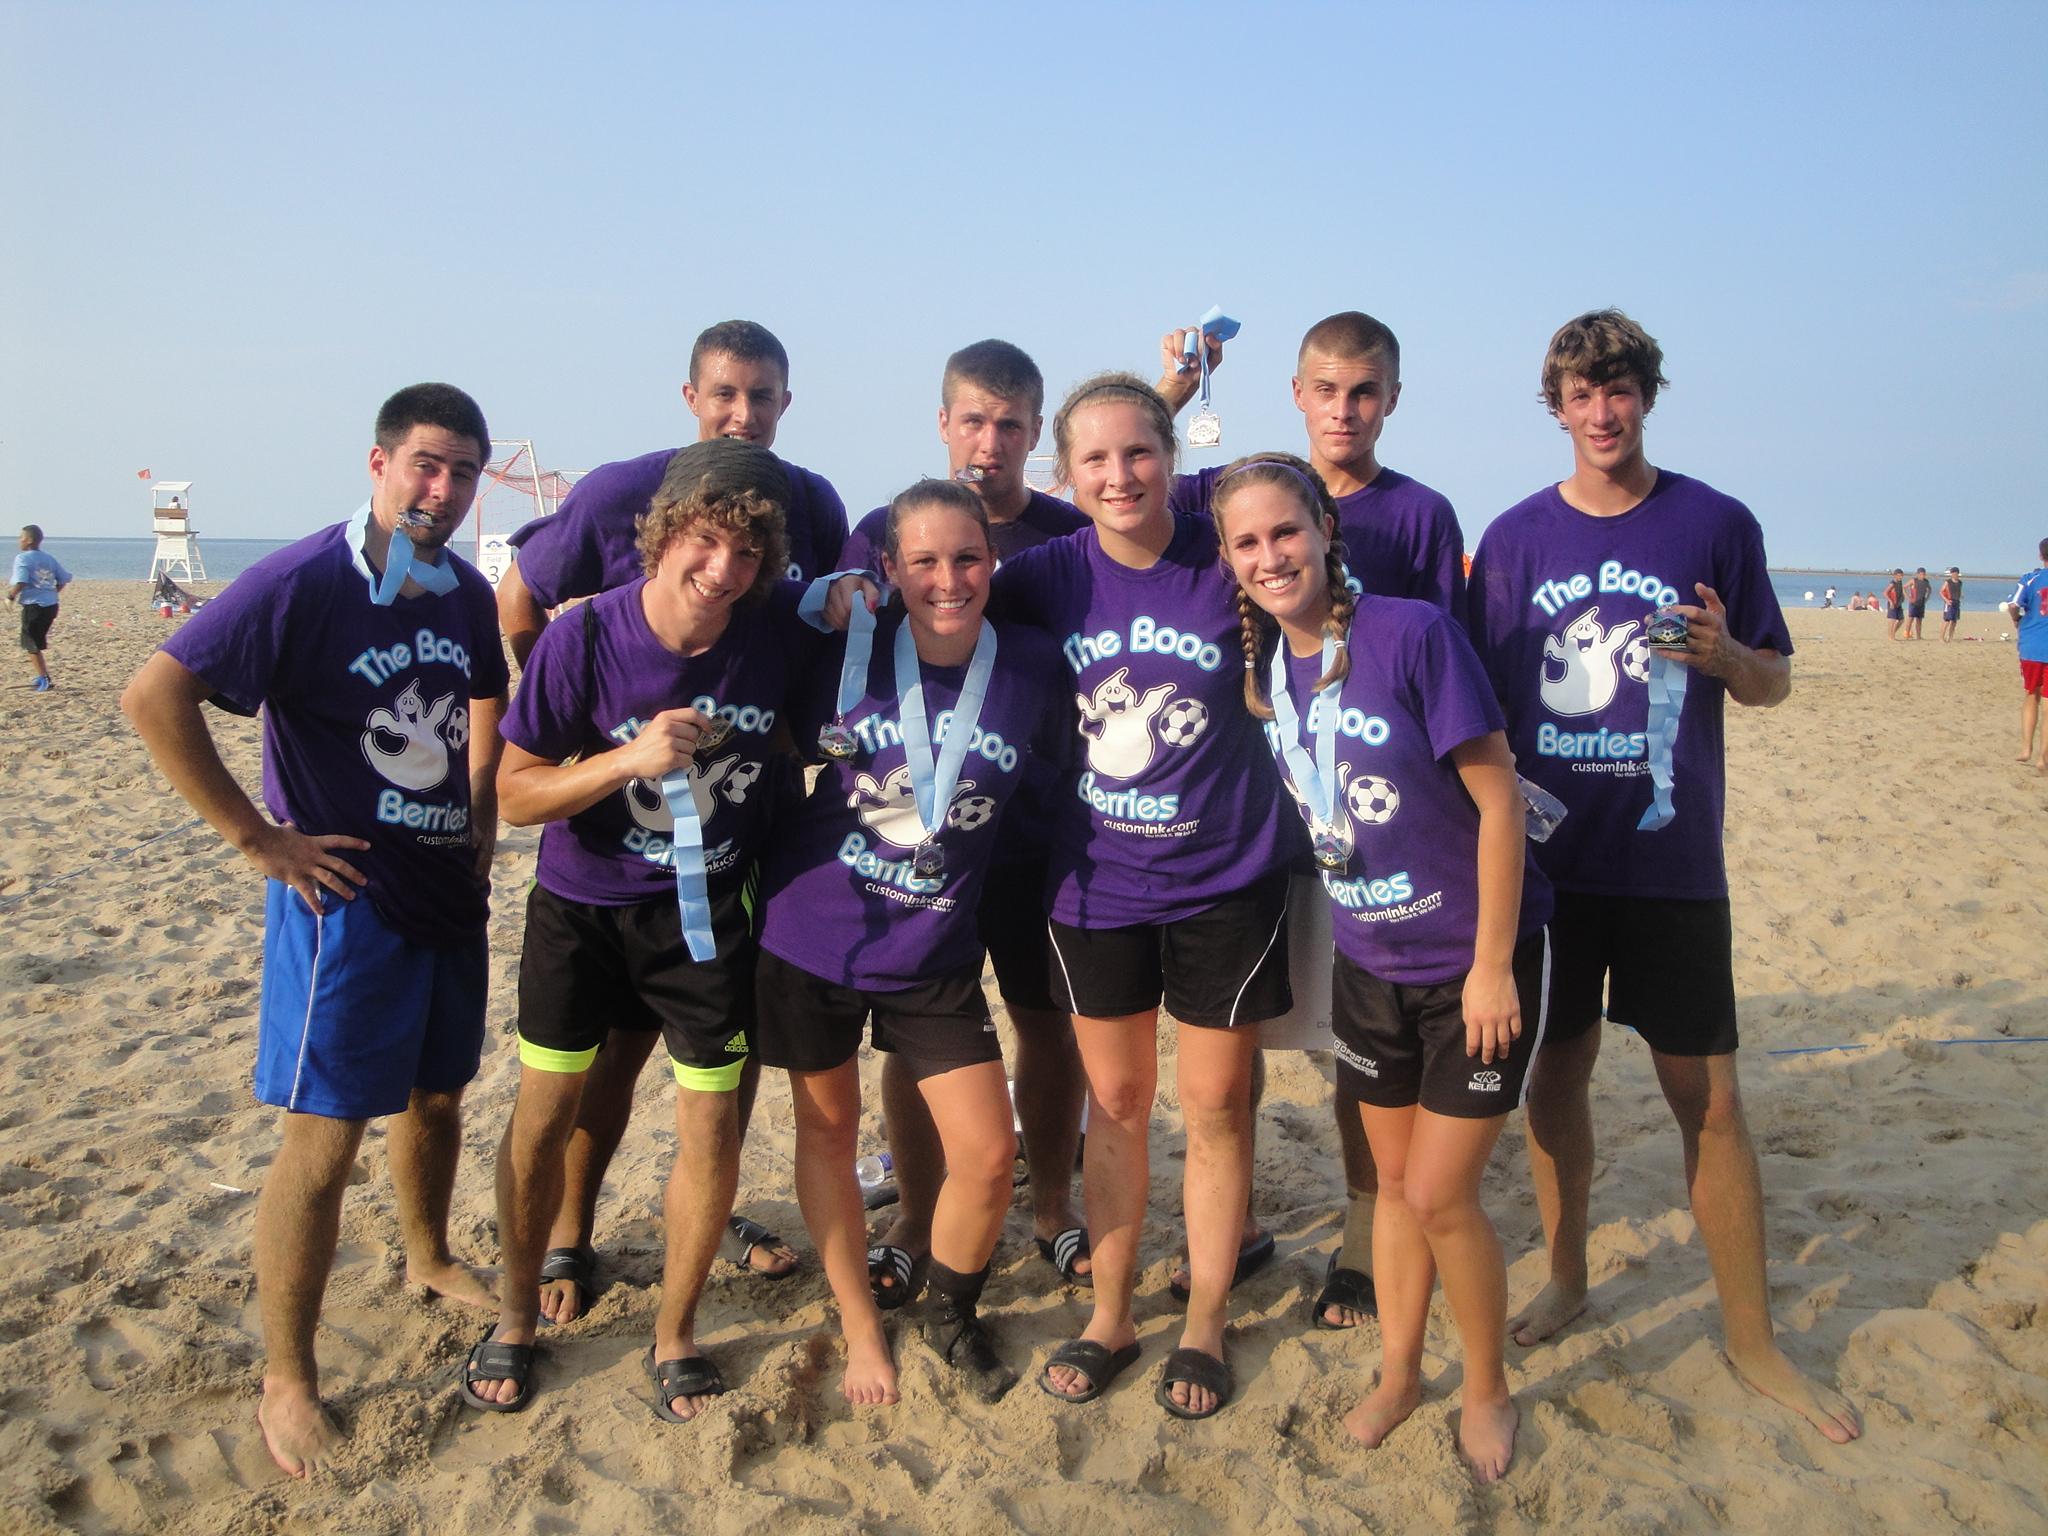 Design t shirt soccer - Booo Berries Beach Soccer T Shirt Photo